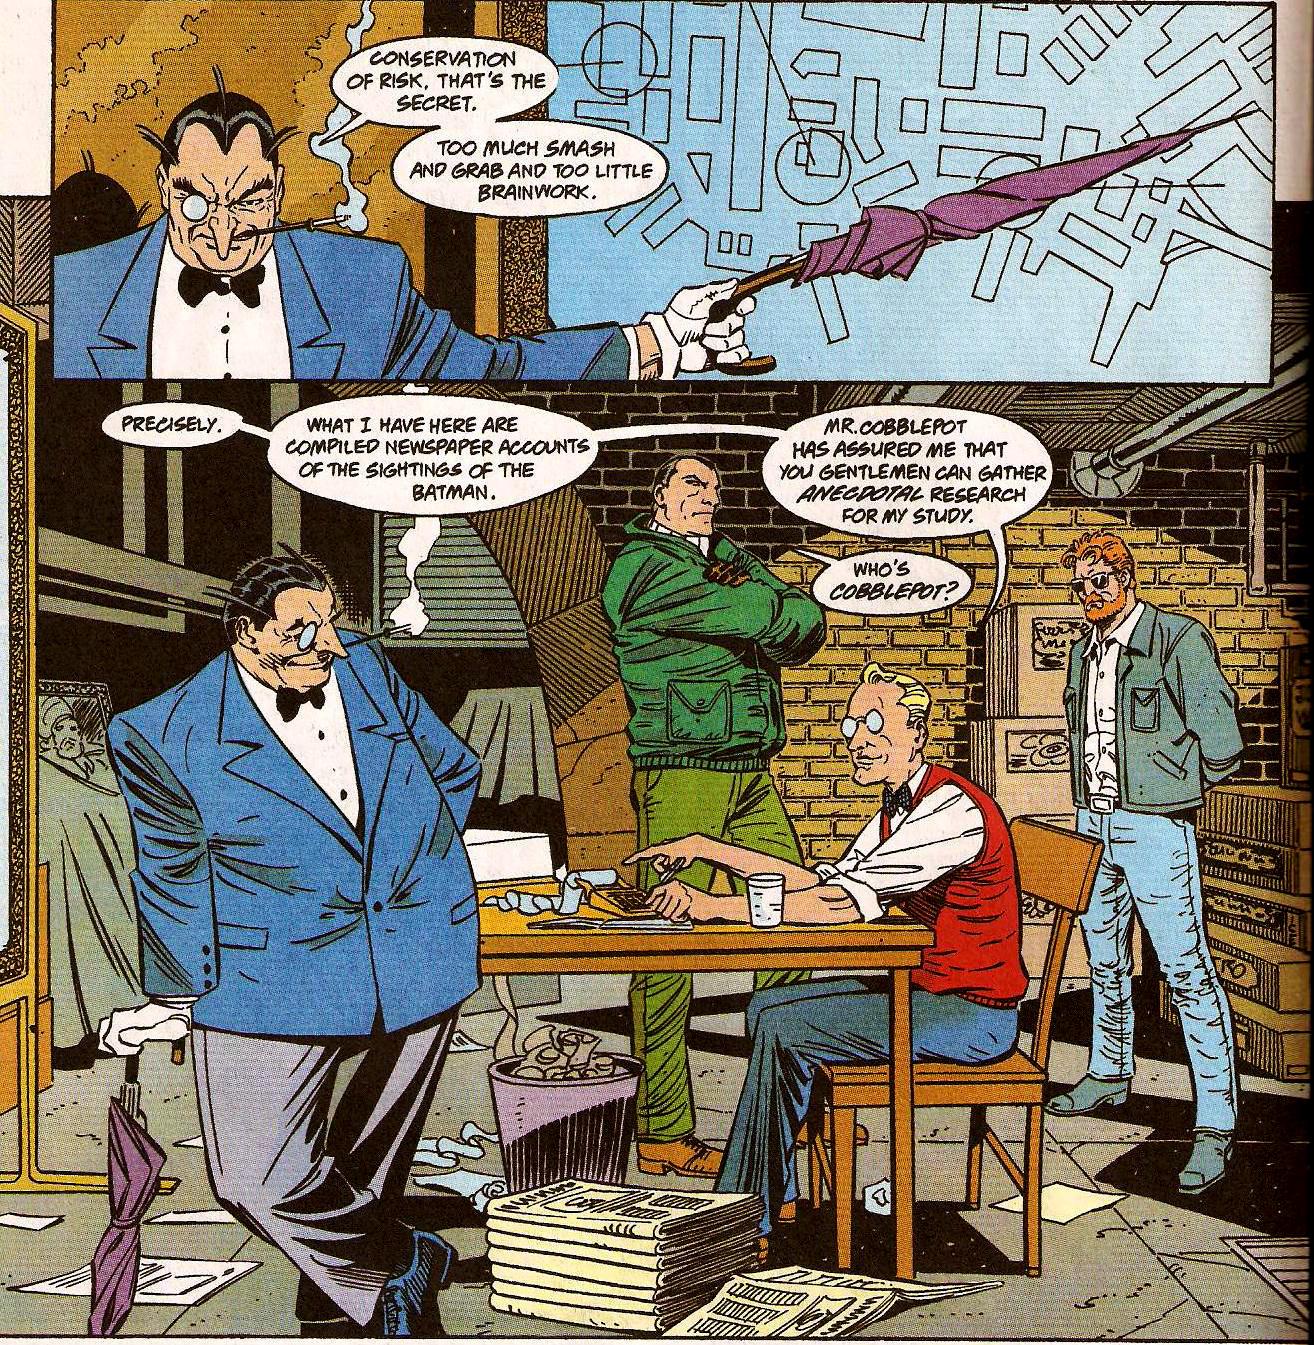 From Detective Comics (Vol. 1) #683 (1995)